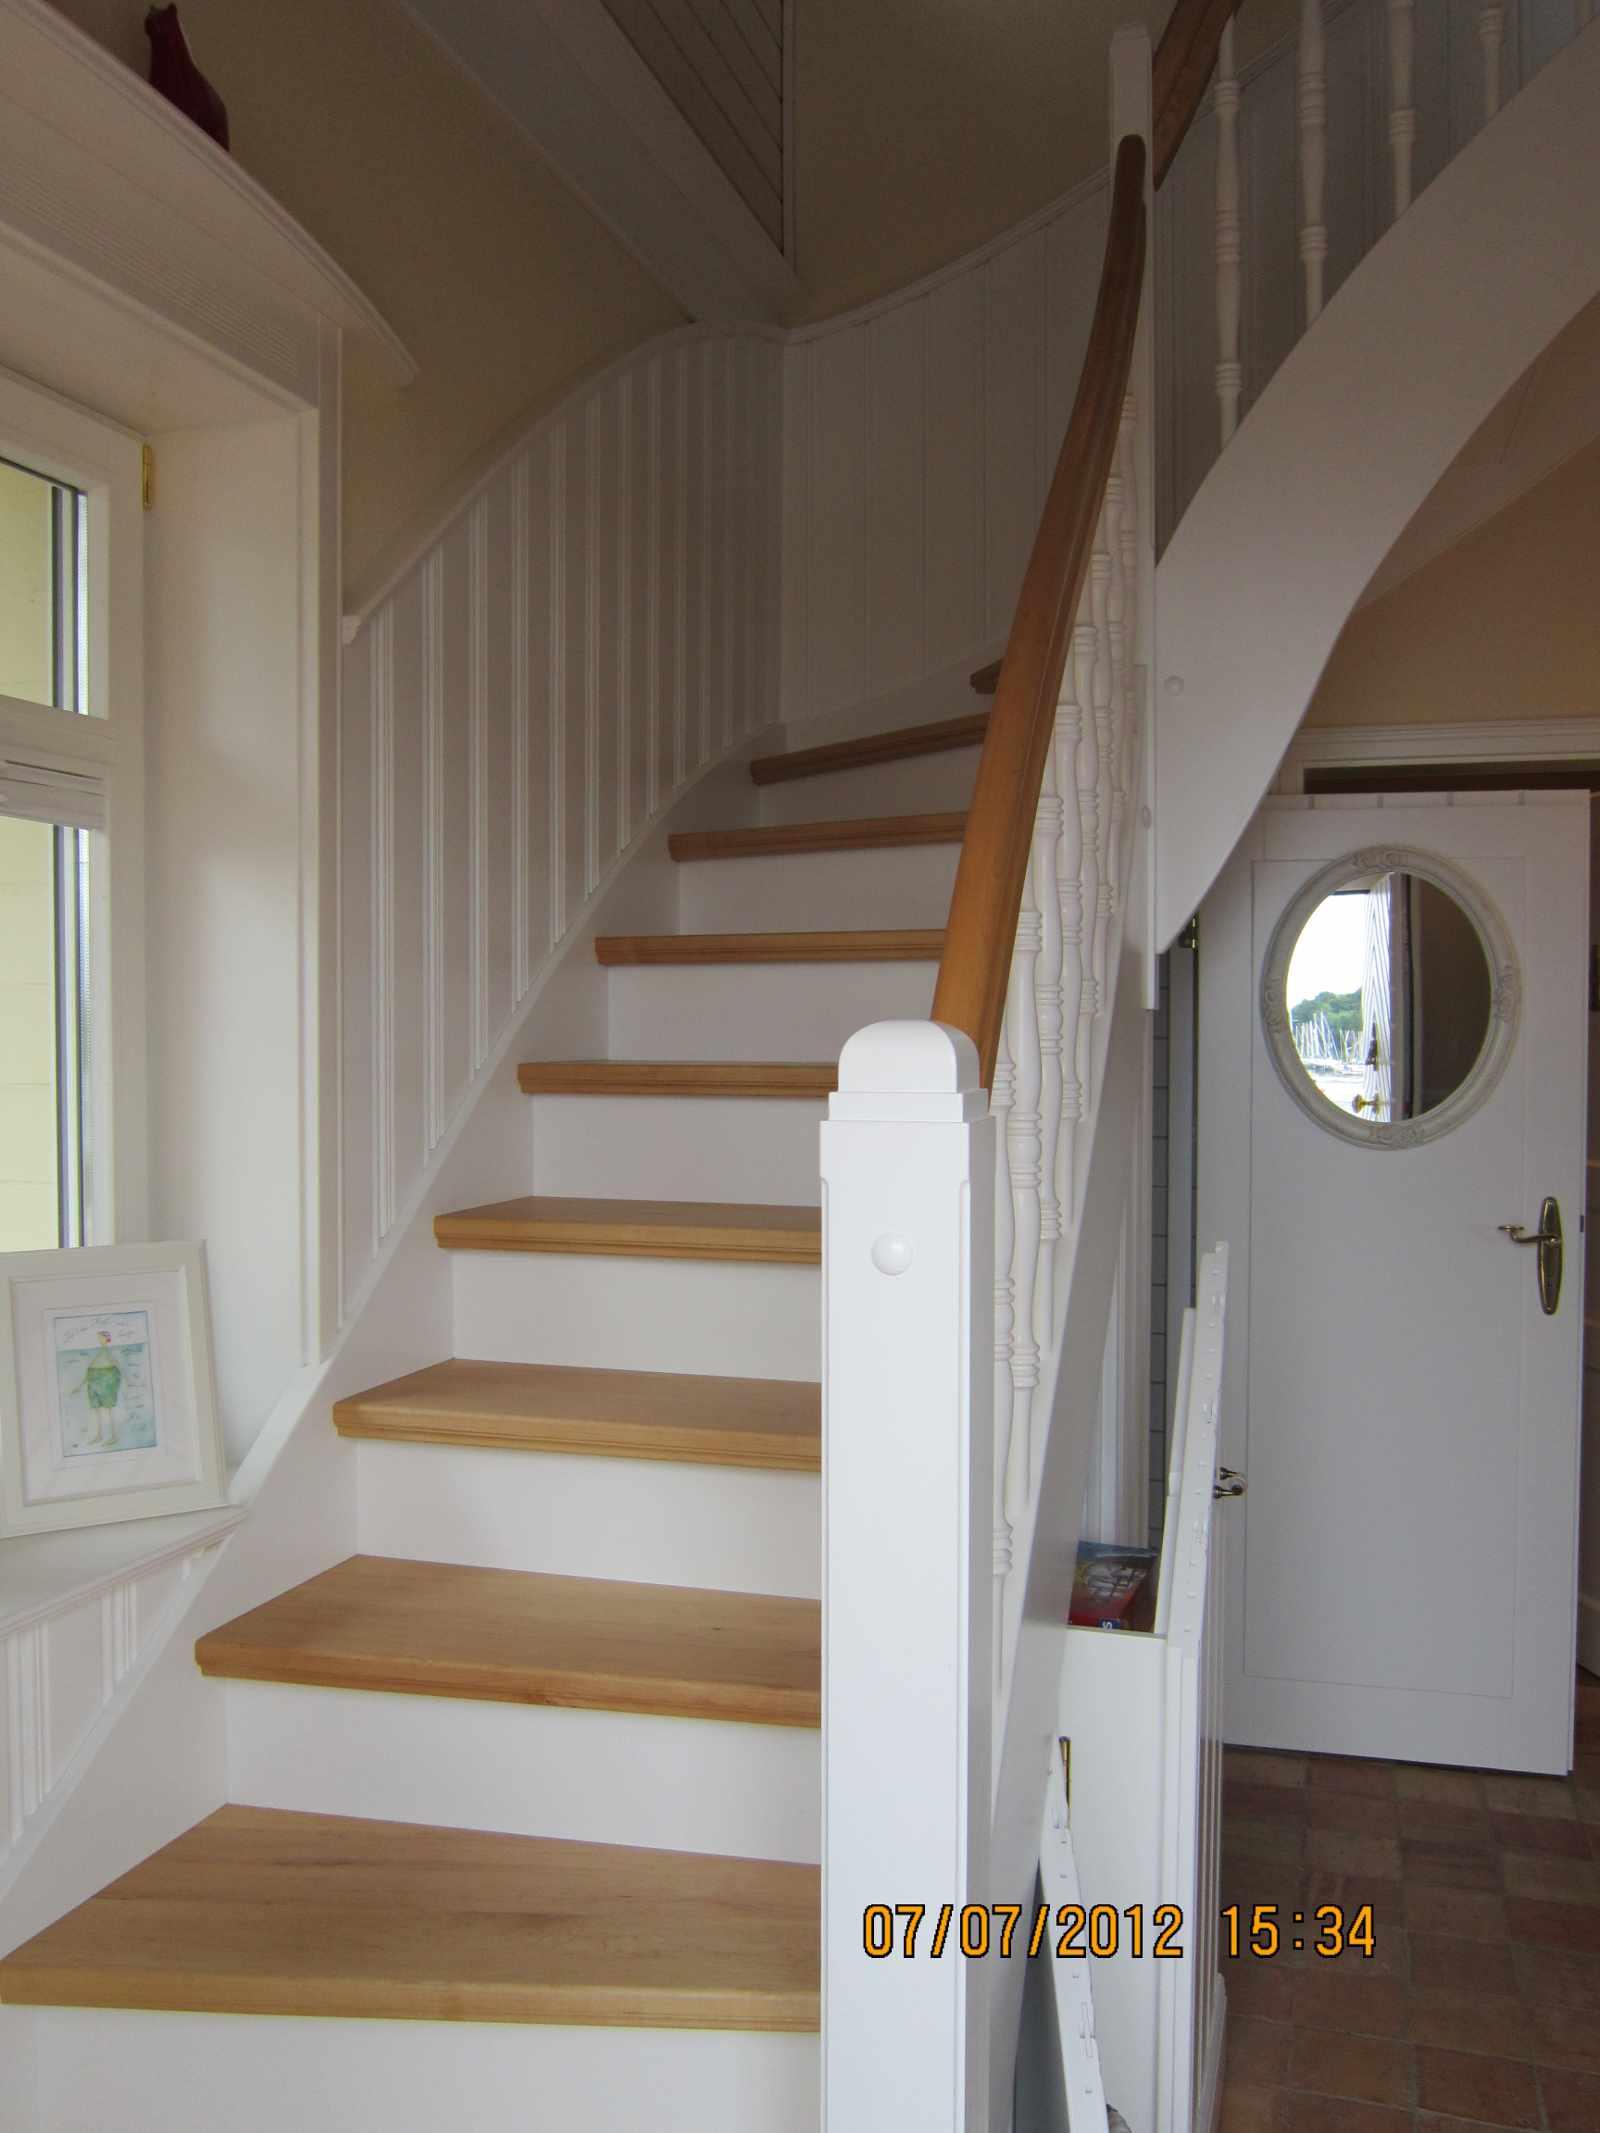 t3 - Treppen